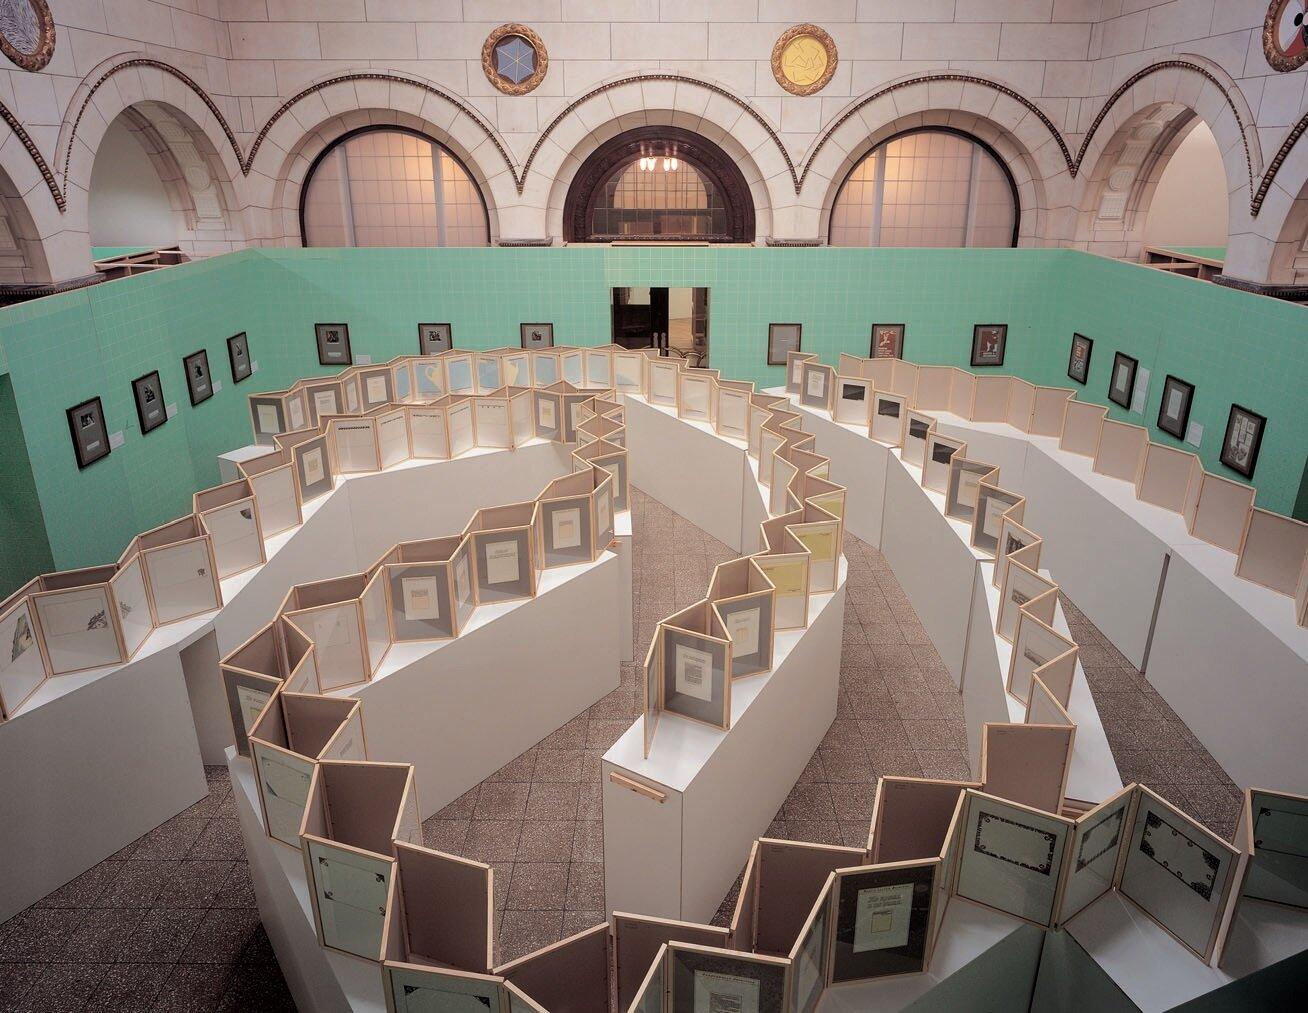 View-of-installation-Museet-for-Samtidskunst-Oslo-1995-Photo-by-Morten-Thorkildsen.jpg